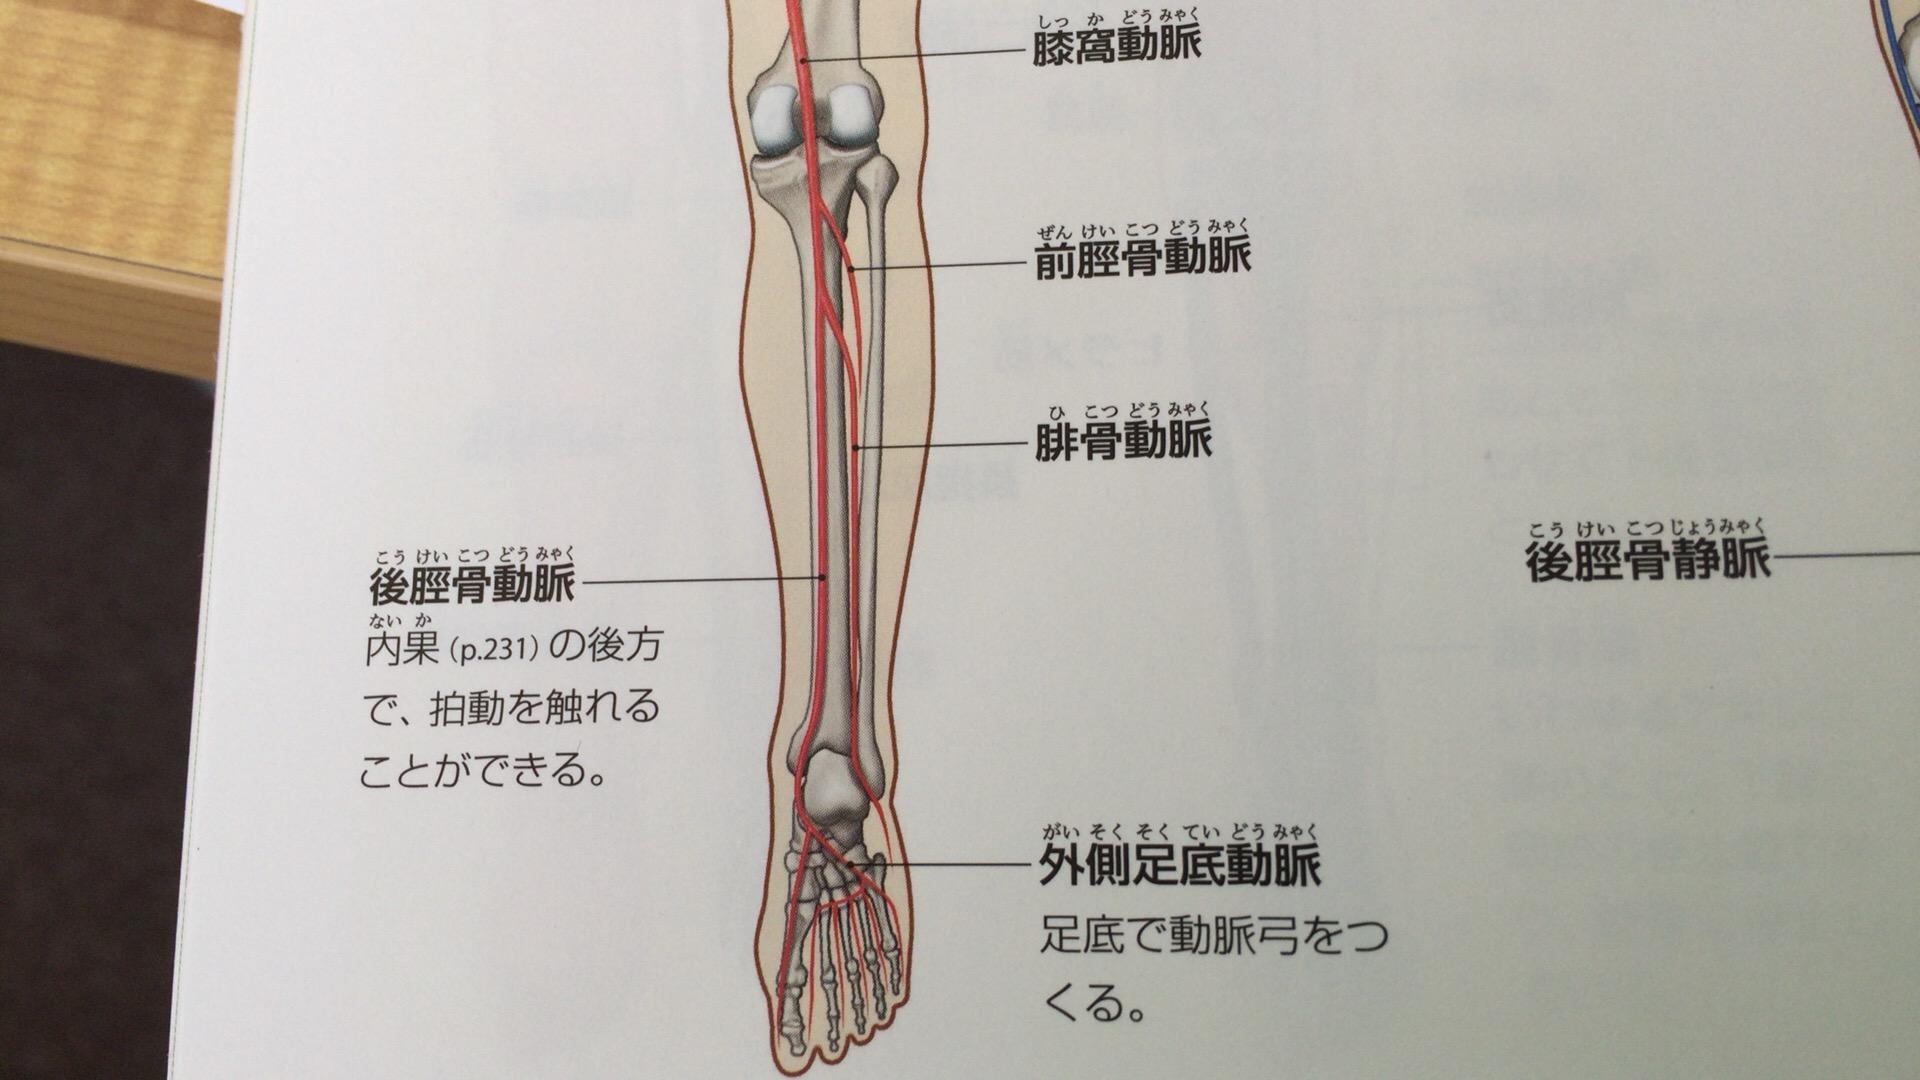 後脛骨動脈 | 解剖生理学セミナーやハワイで献体解剖実習を開催